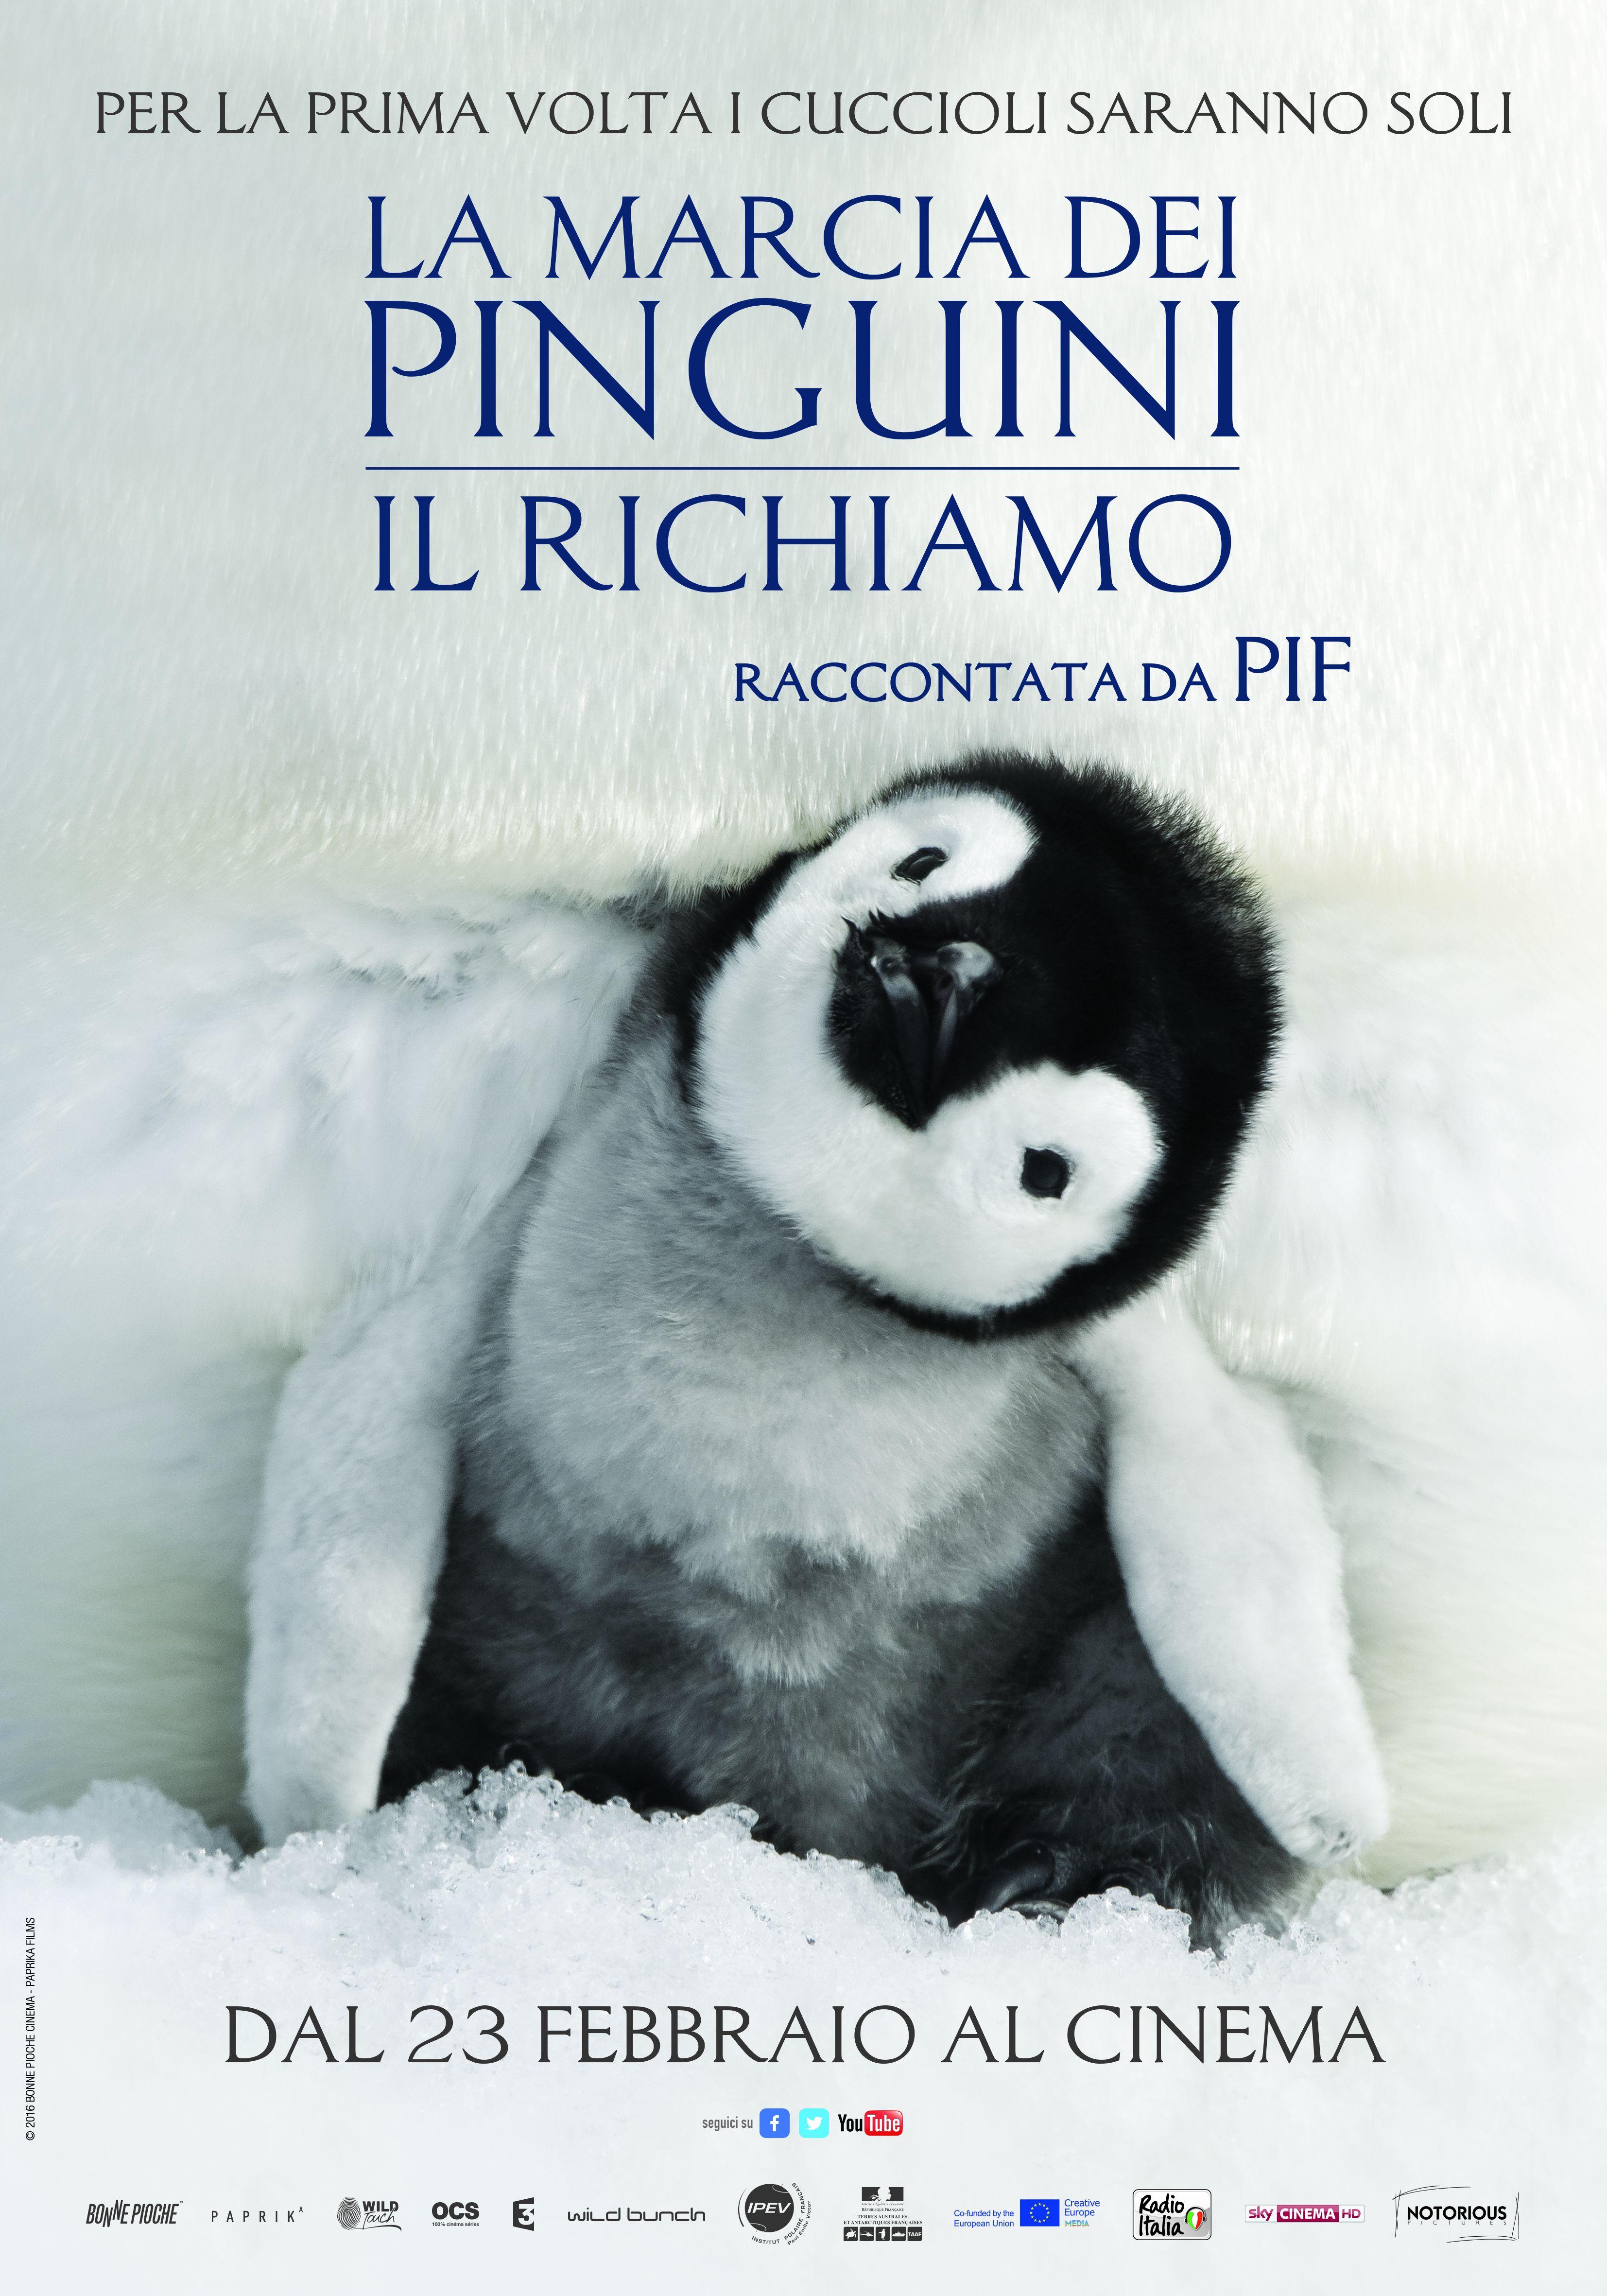 La_Marcia_dei_pinguini_il_richiamo_Poster